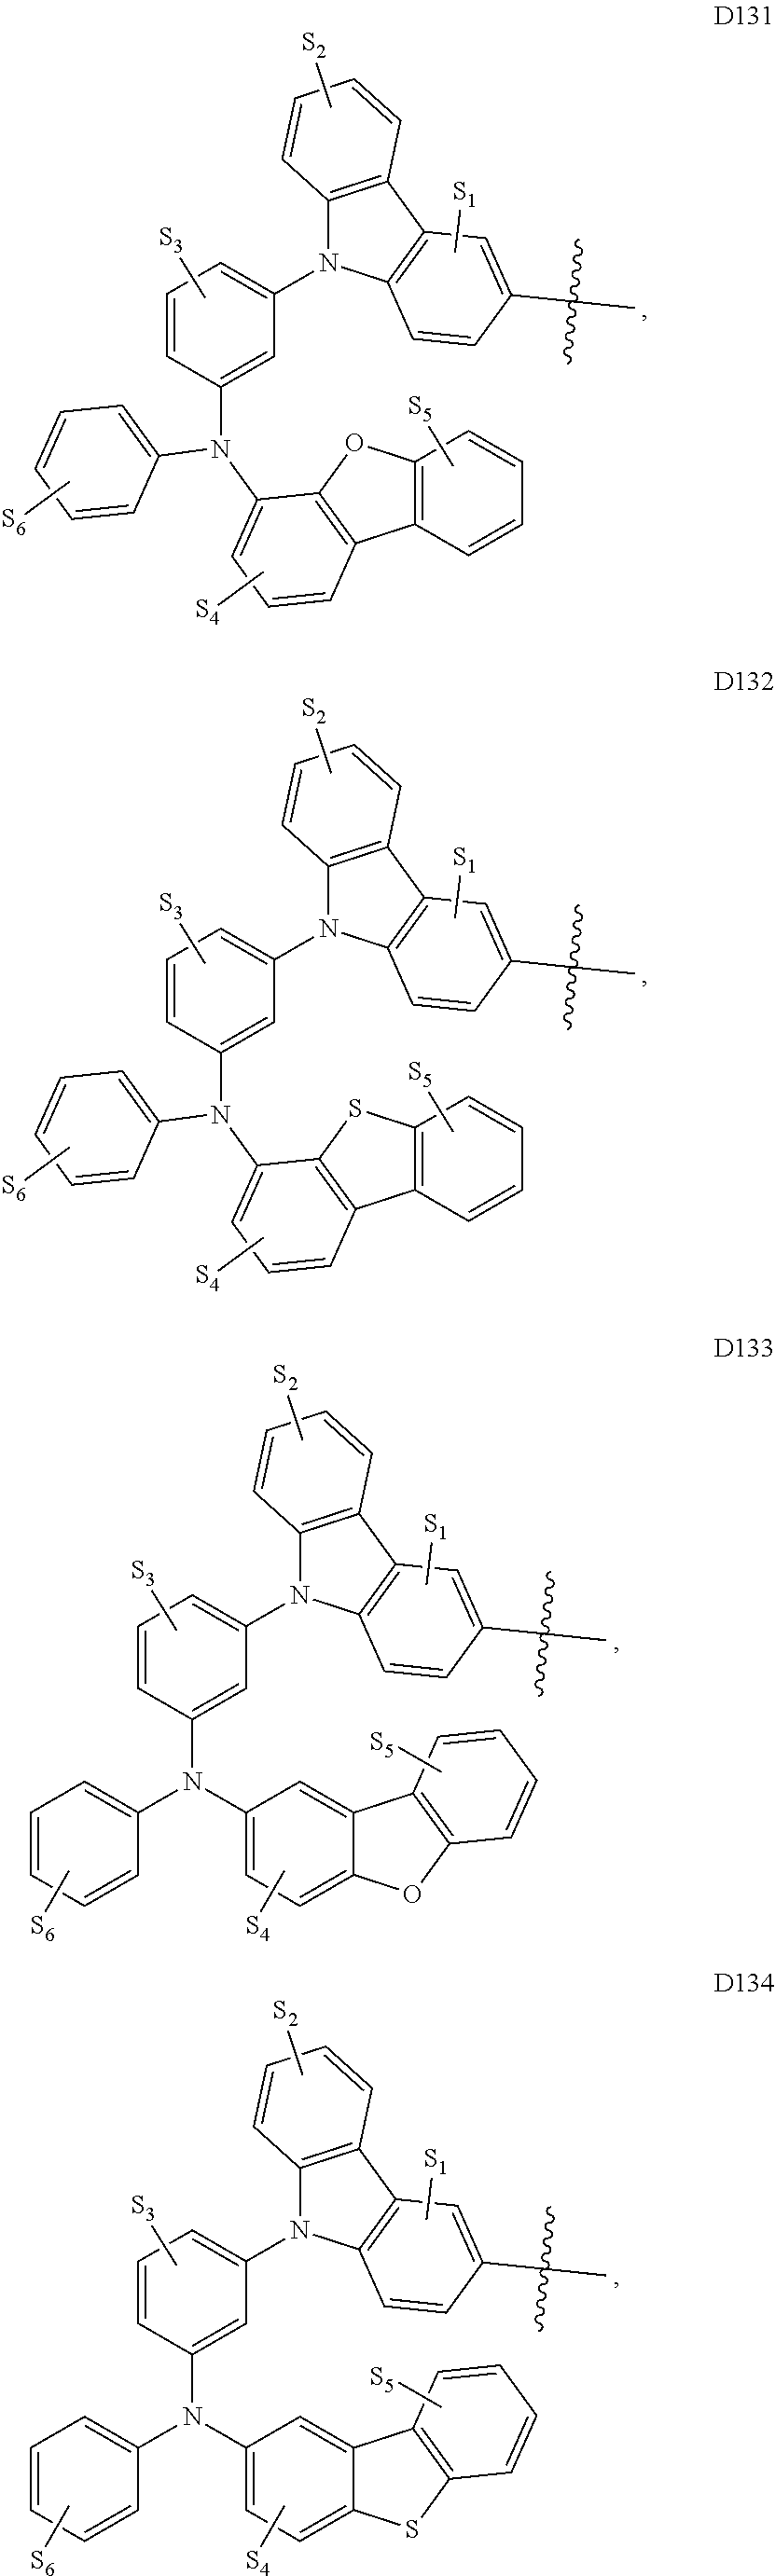 Figure US09537106-20170103-C00158